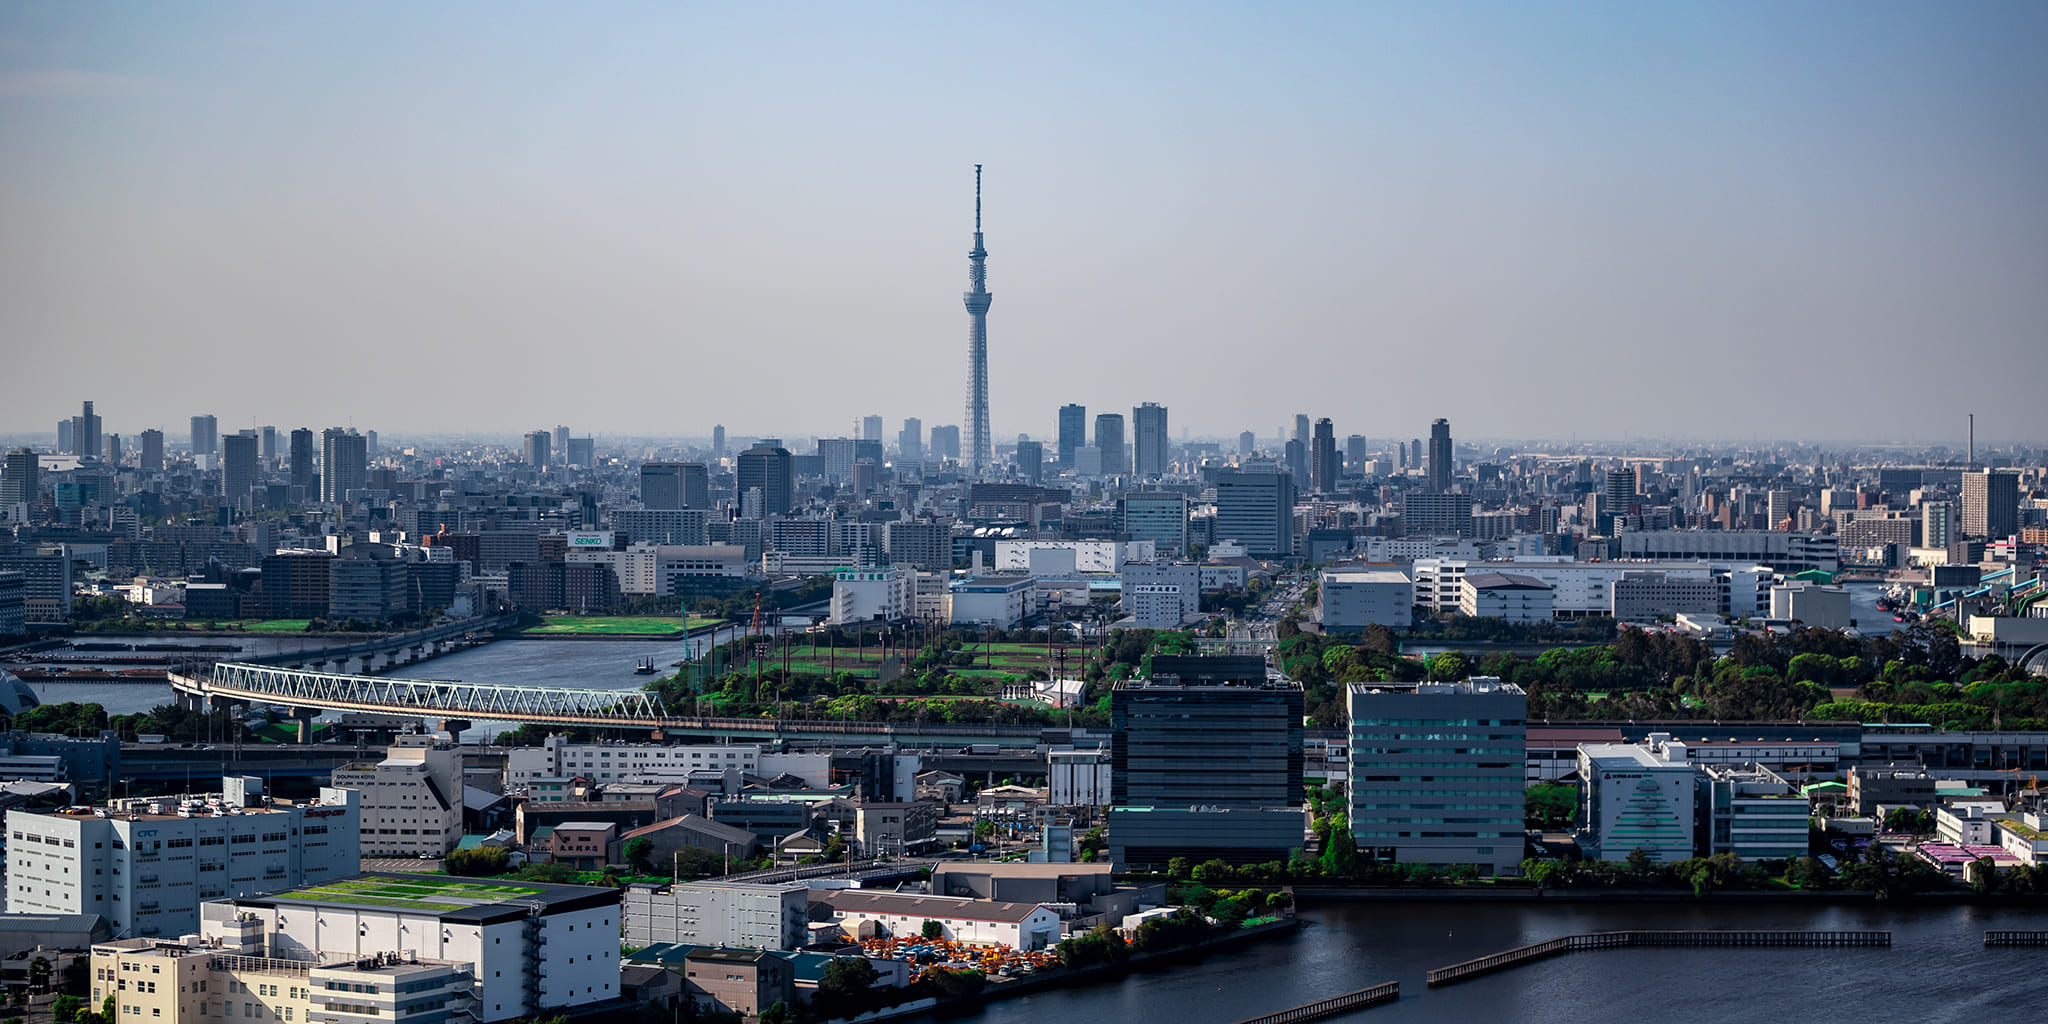 ヘリコプターで東京上空をフライトして見える新木場